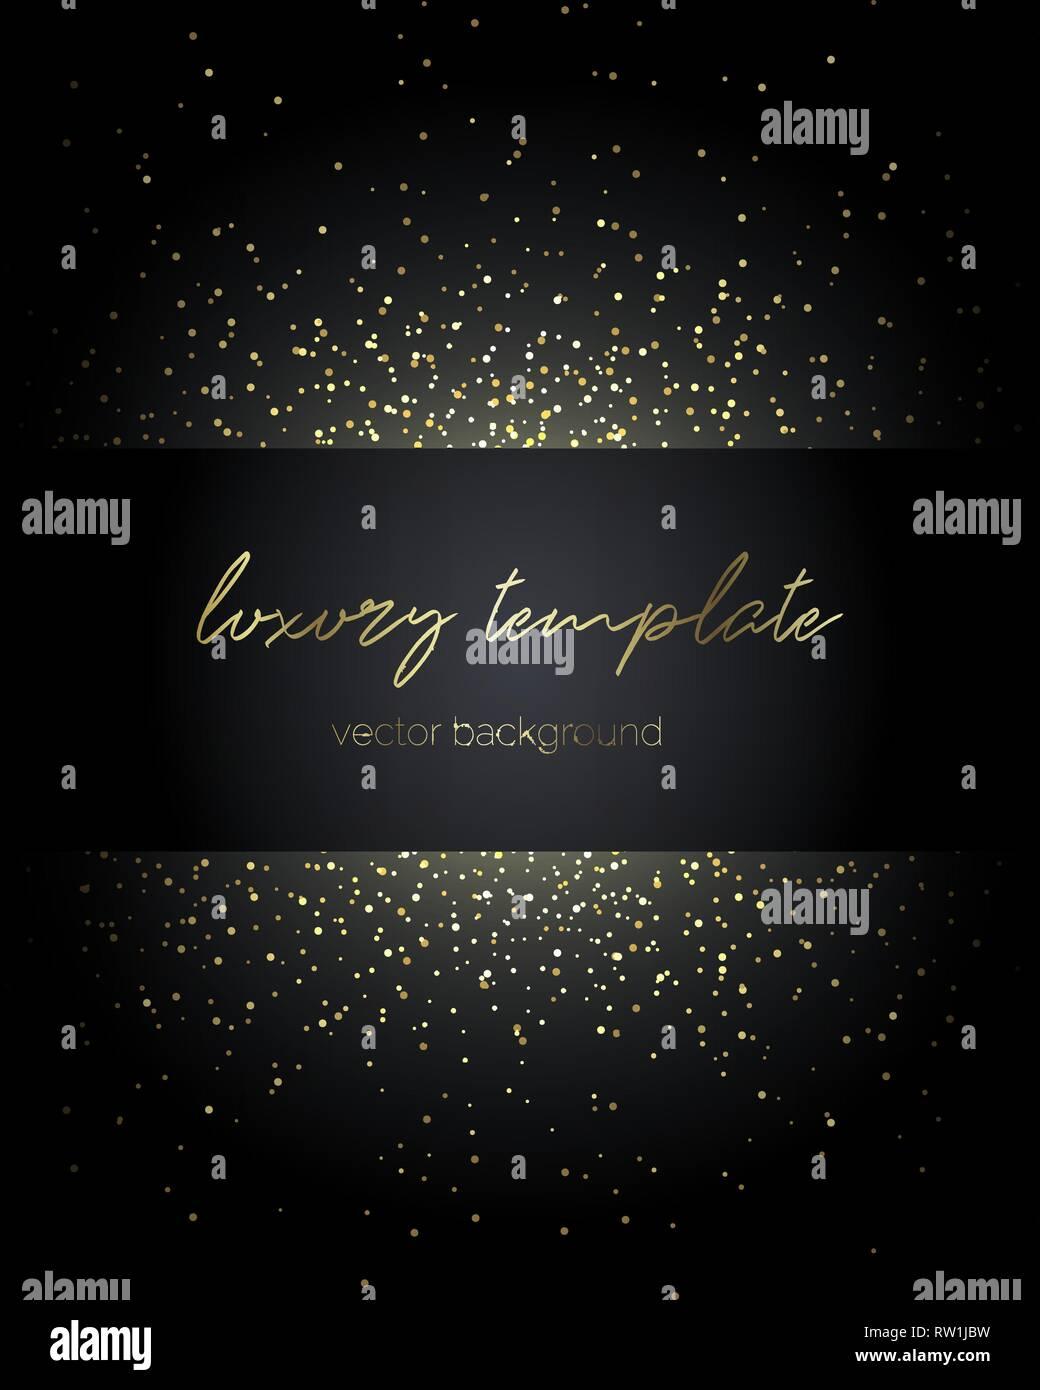 Les particules d'or. Modèle Premium de message texte. Photo Stock